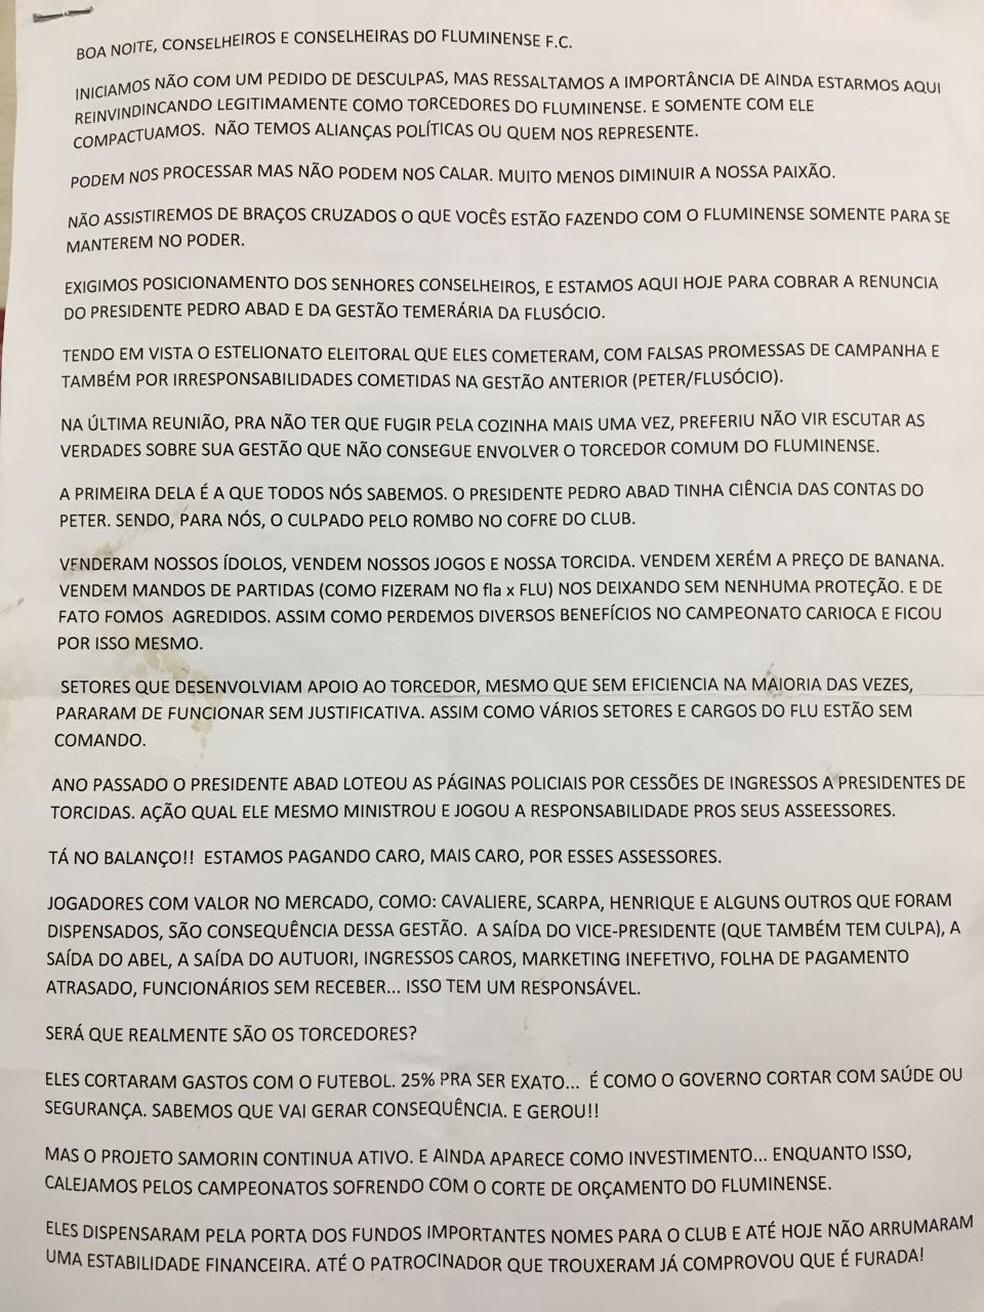 Primeiro página da carta dos representantes para o Conselho Deliberativo (Foto: Divulgação)